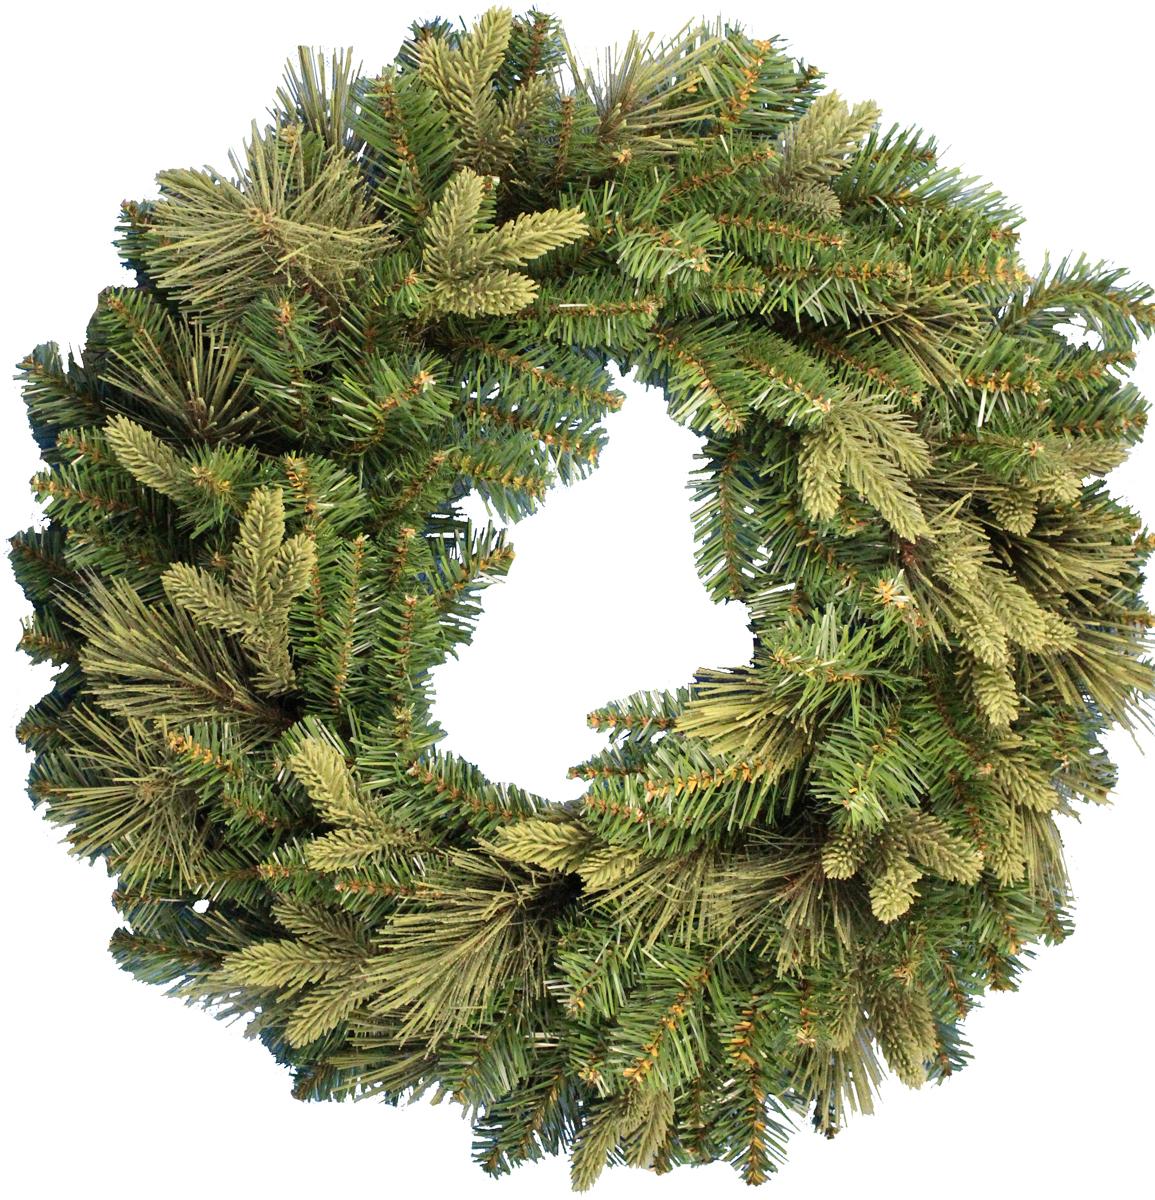 Венок декоративный Beatrees Christmas mystery, цвет: зеленый, диаметр 76 смGS07G-WSA30Декоративный венок Beatrees Christmas mystery дополнит интерьер любого помещения в преддверии Нового года, а также может стать оригинальным подарком для ваших друзей и близких. Композиция выполнена в виде венка из искусственных веток. Оформление помещения декоративным венком создаст праздничную, по-настоящему радостную и теплую атмосферу.